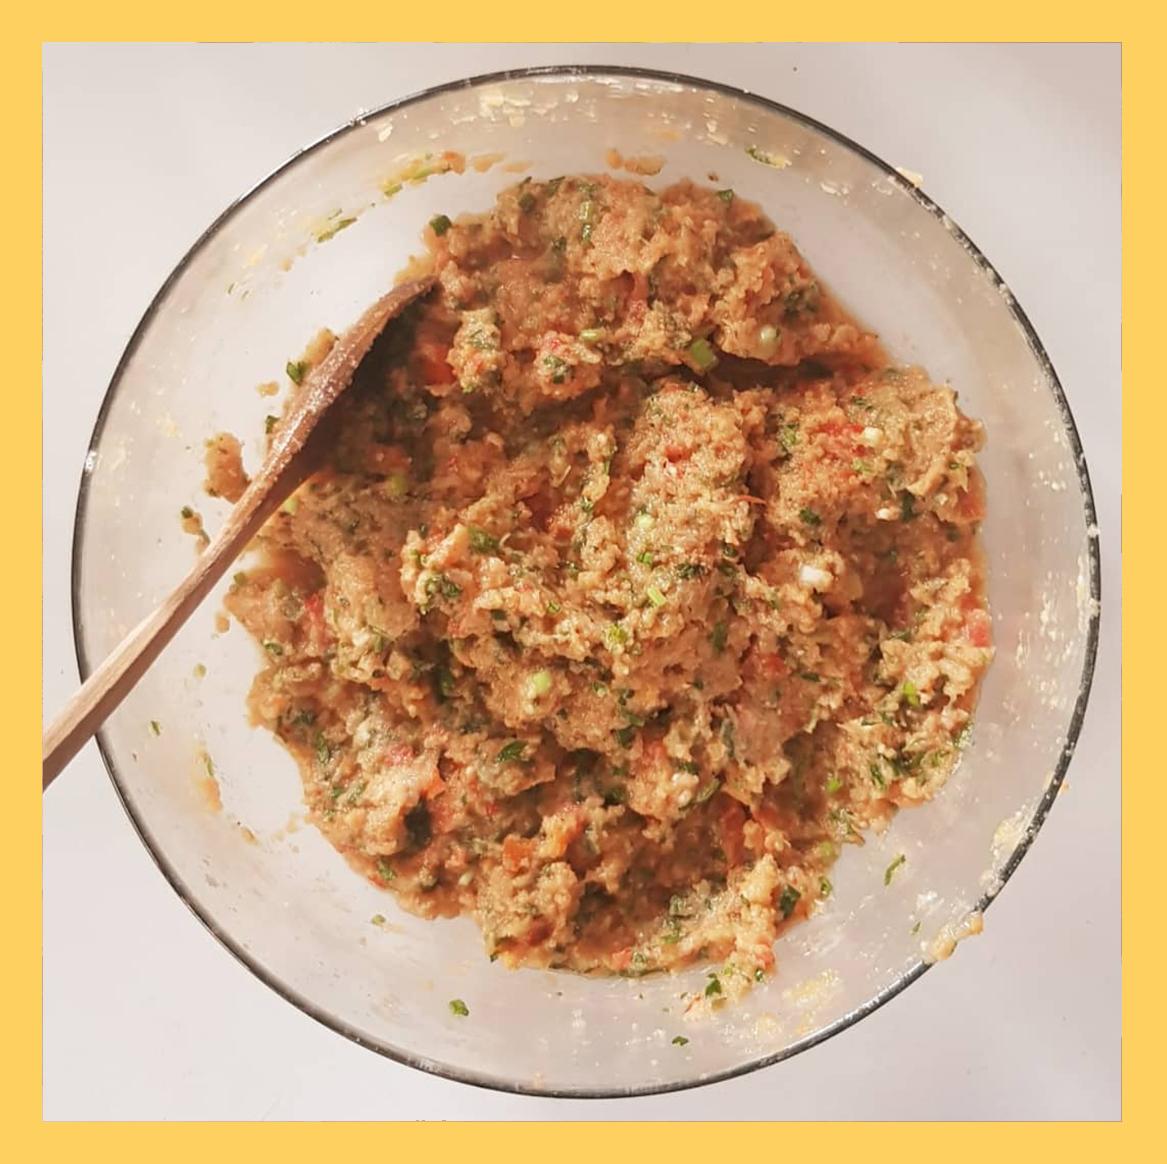 ترکیب پیاز و هویج و کرفس و گوجه فرنگی , Green onions, carrot, celery and tomato combination